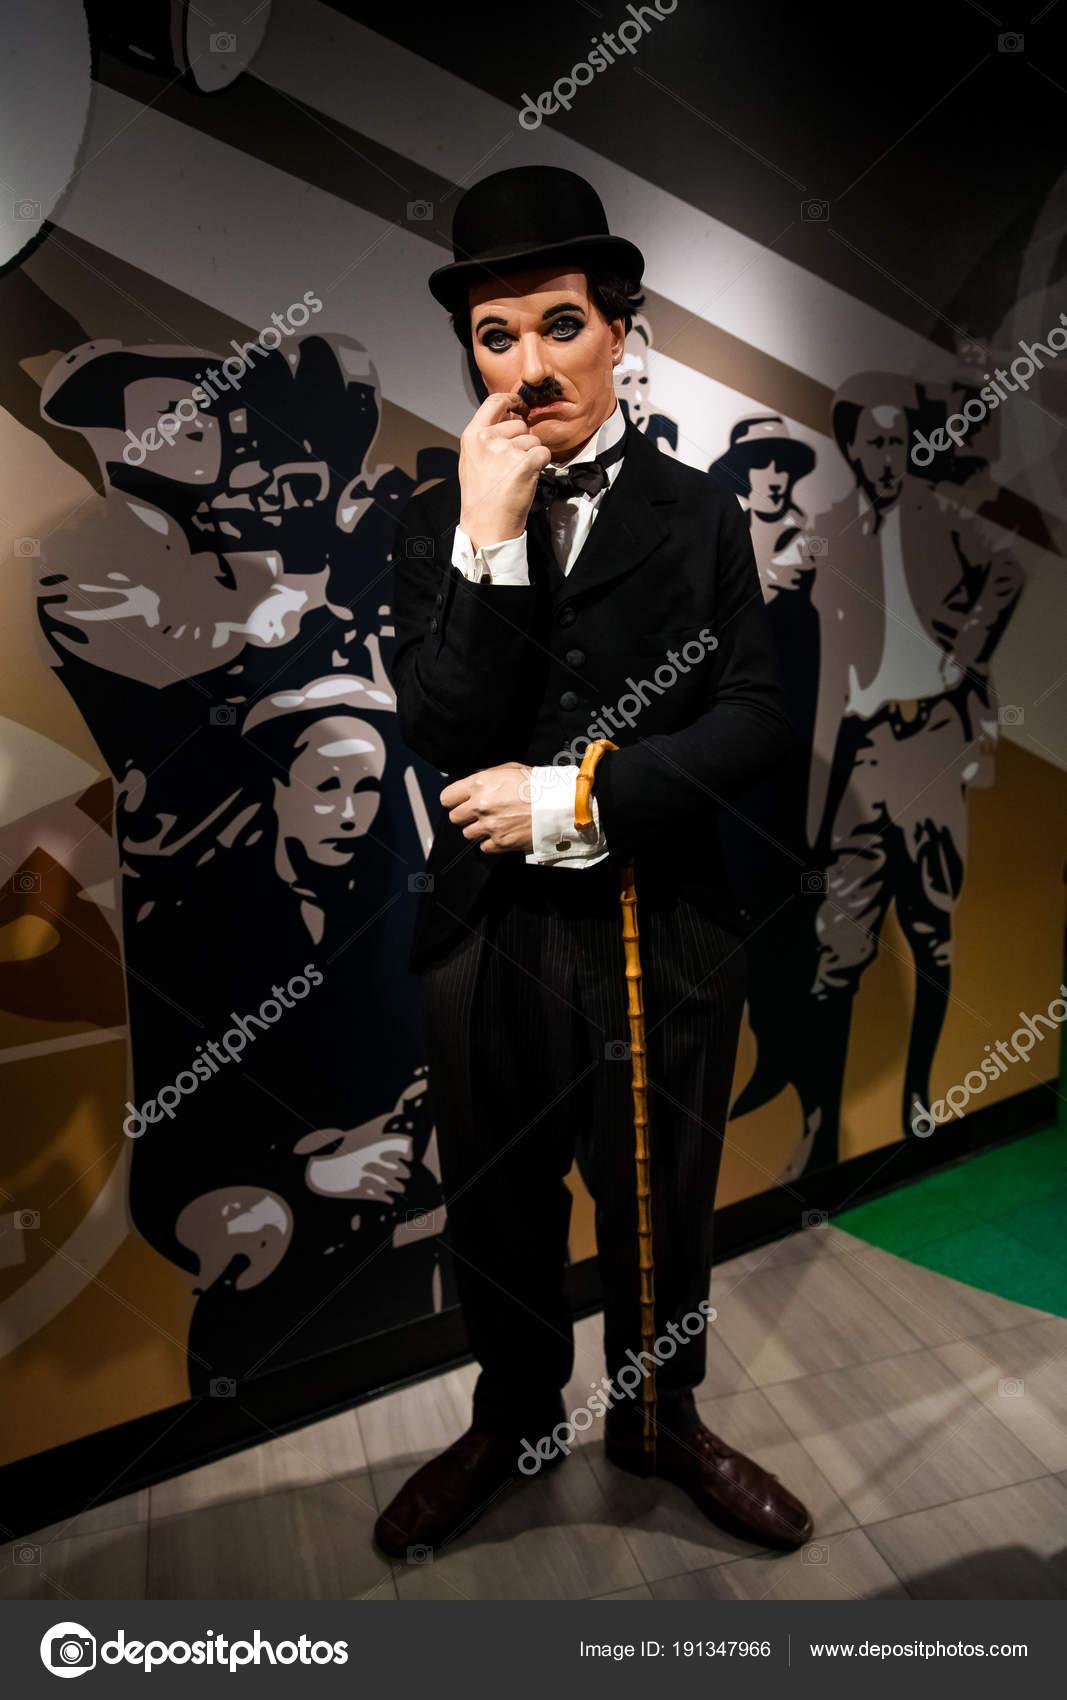 Museo Delle Cere Amsterdam.Statua Di Cera Di Sir Charles Spencer Charlie Chaplin Attore Comico